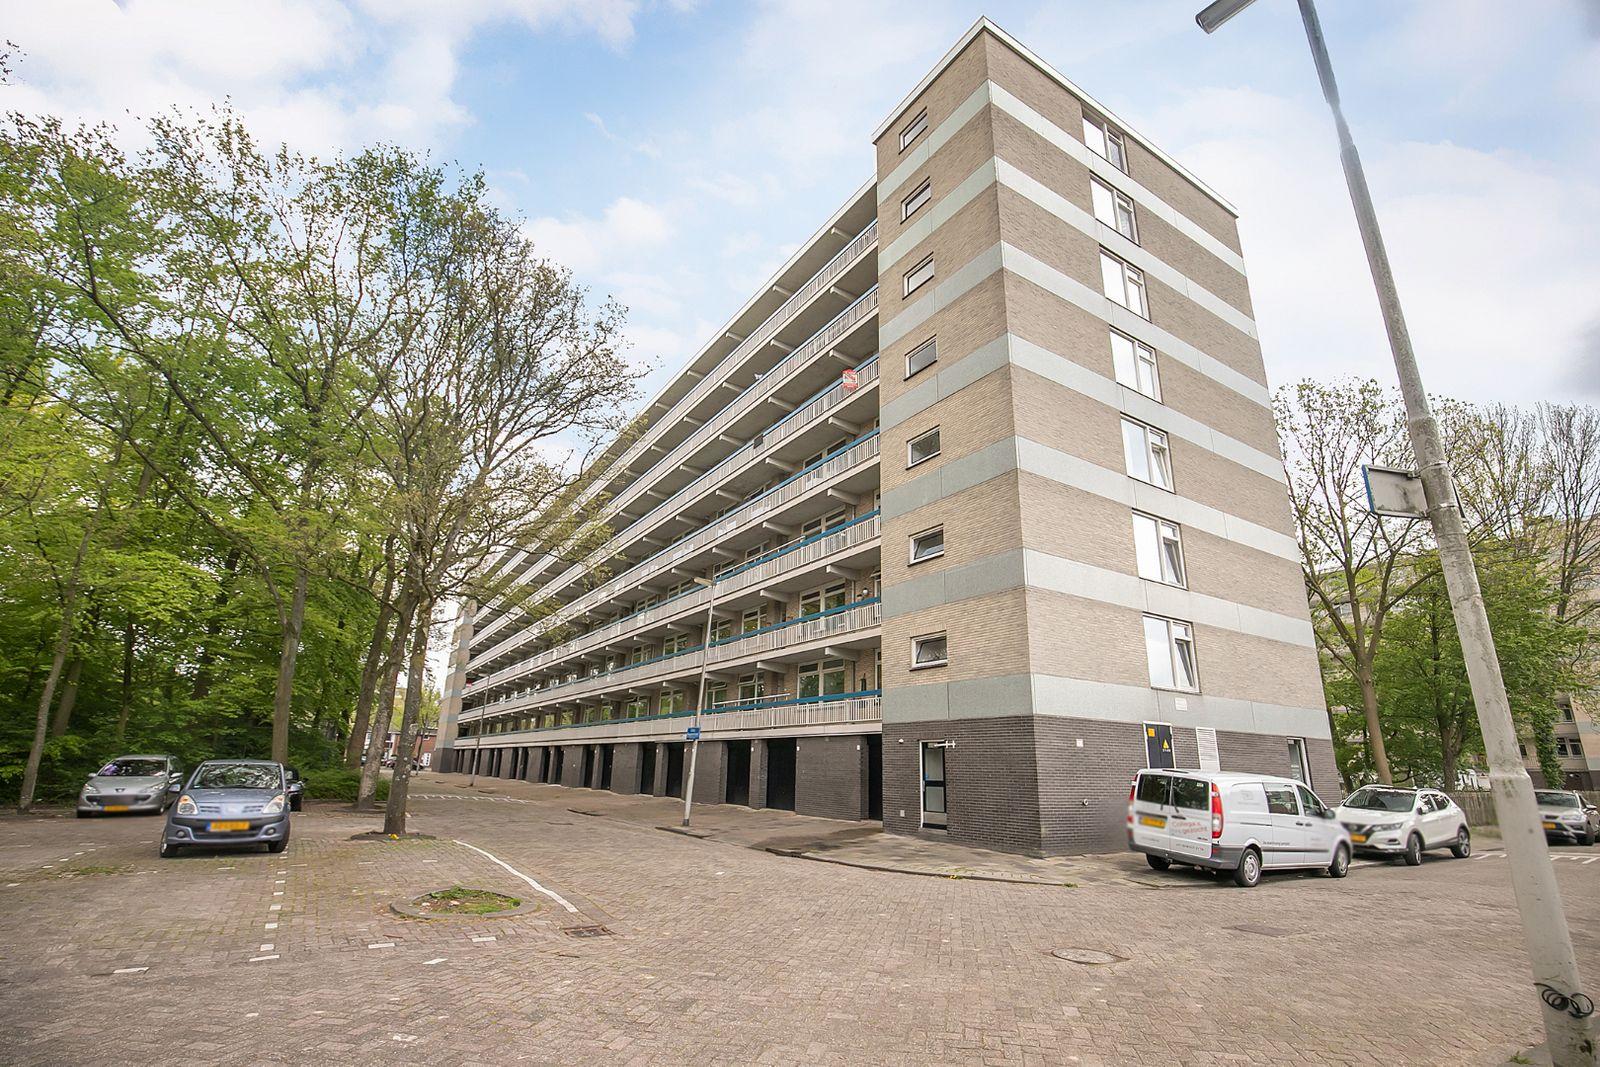 Everaertstraat 123, Rotterdam